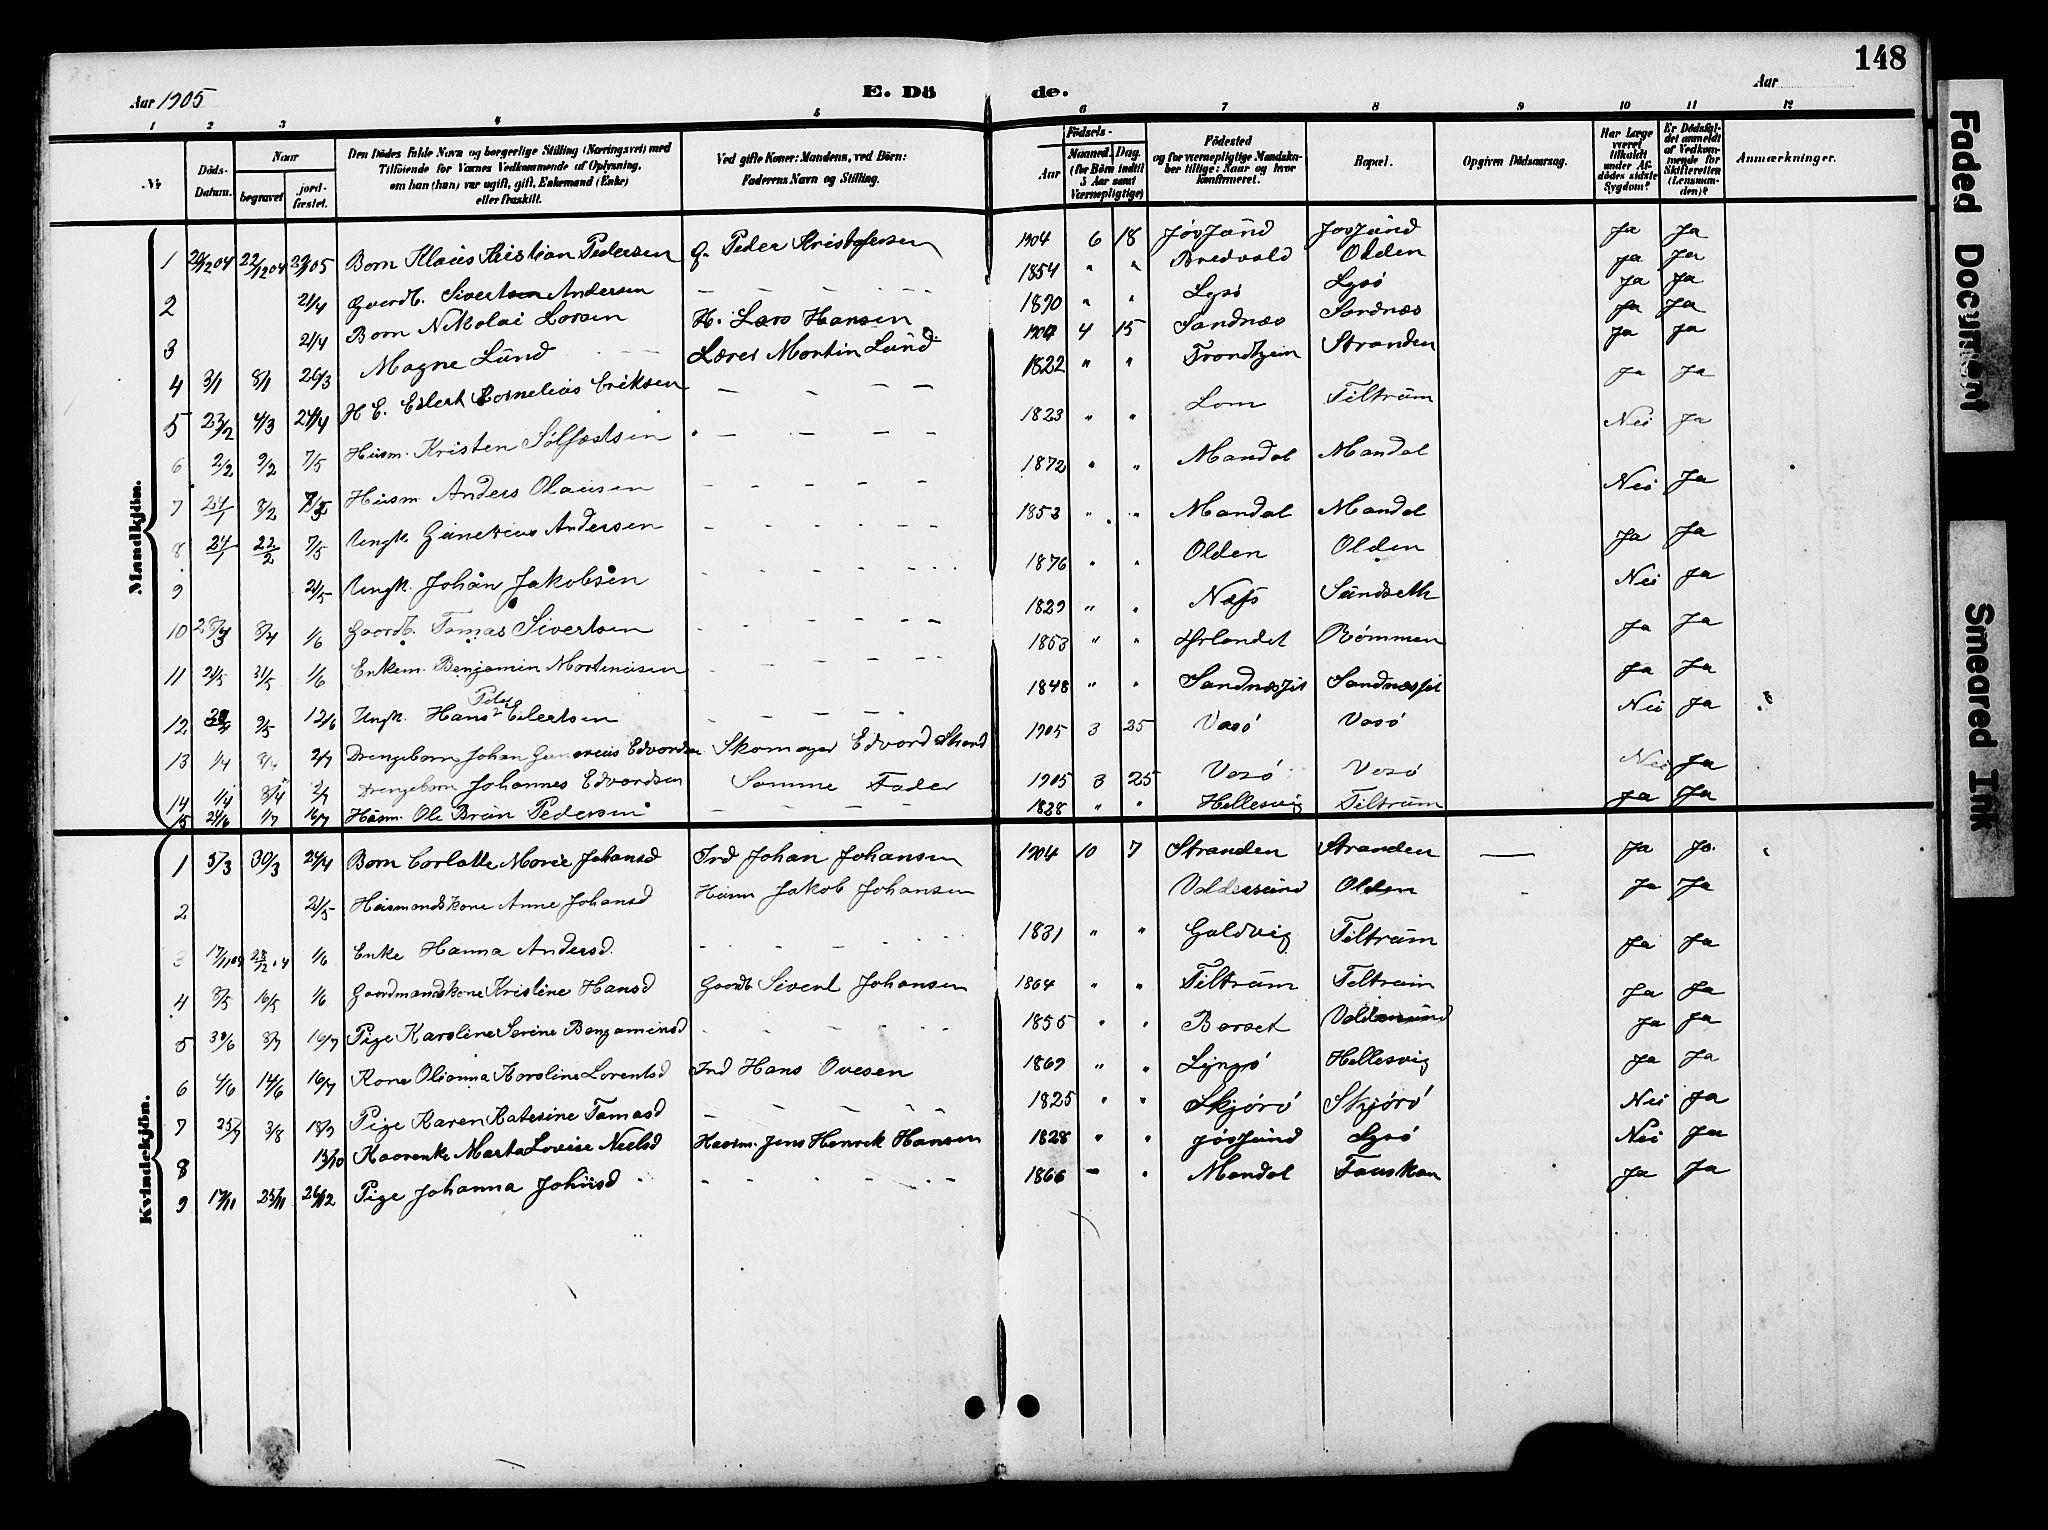 SAT, Ministerialprotokoller, klokkerbøker og fødselsregistre - Sør-Trøndelag, 654/L0666: Klokkerbok nr. 654C02, 1901-1925, s. 148